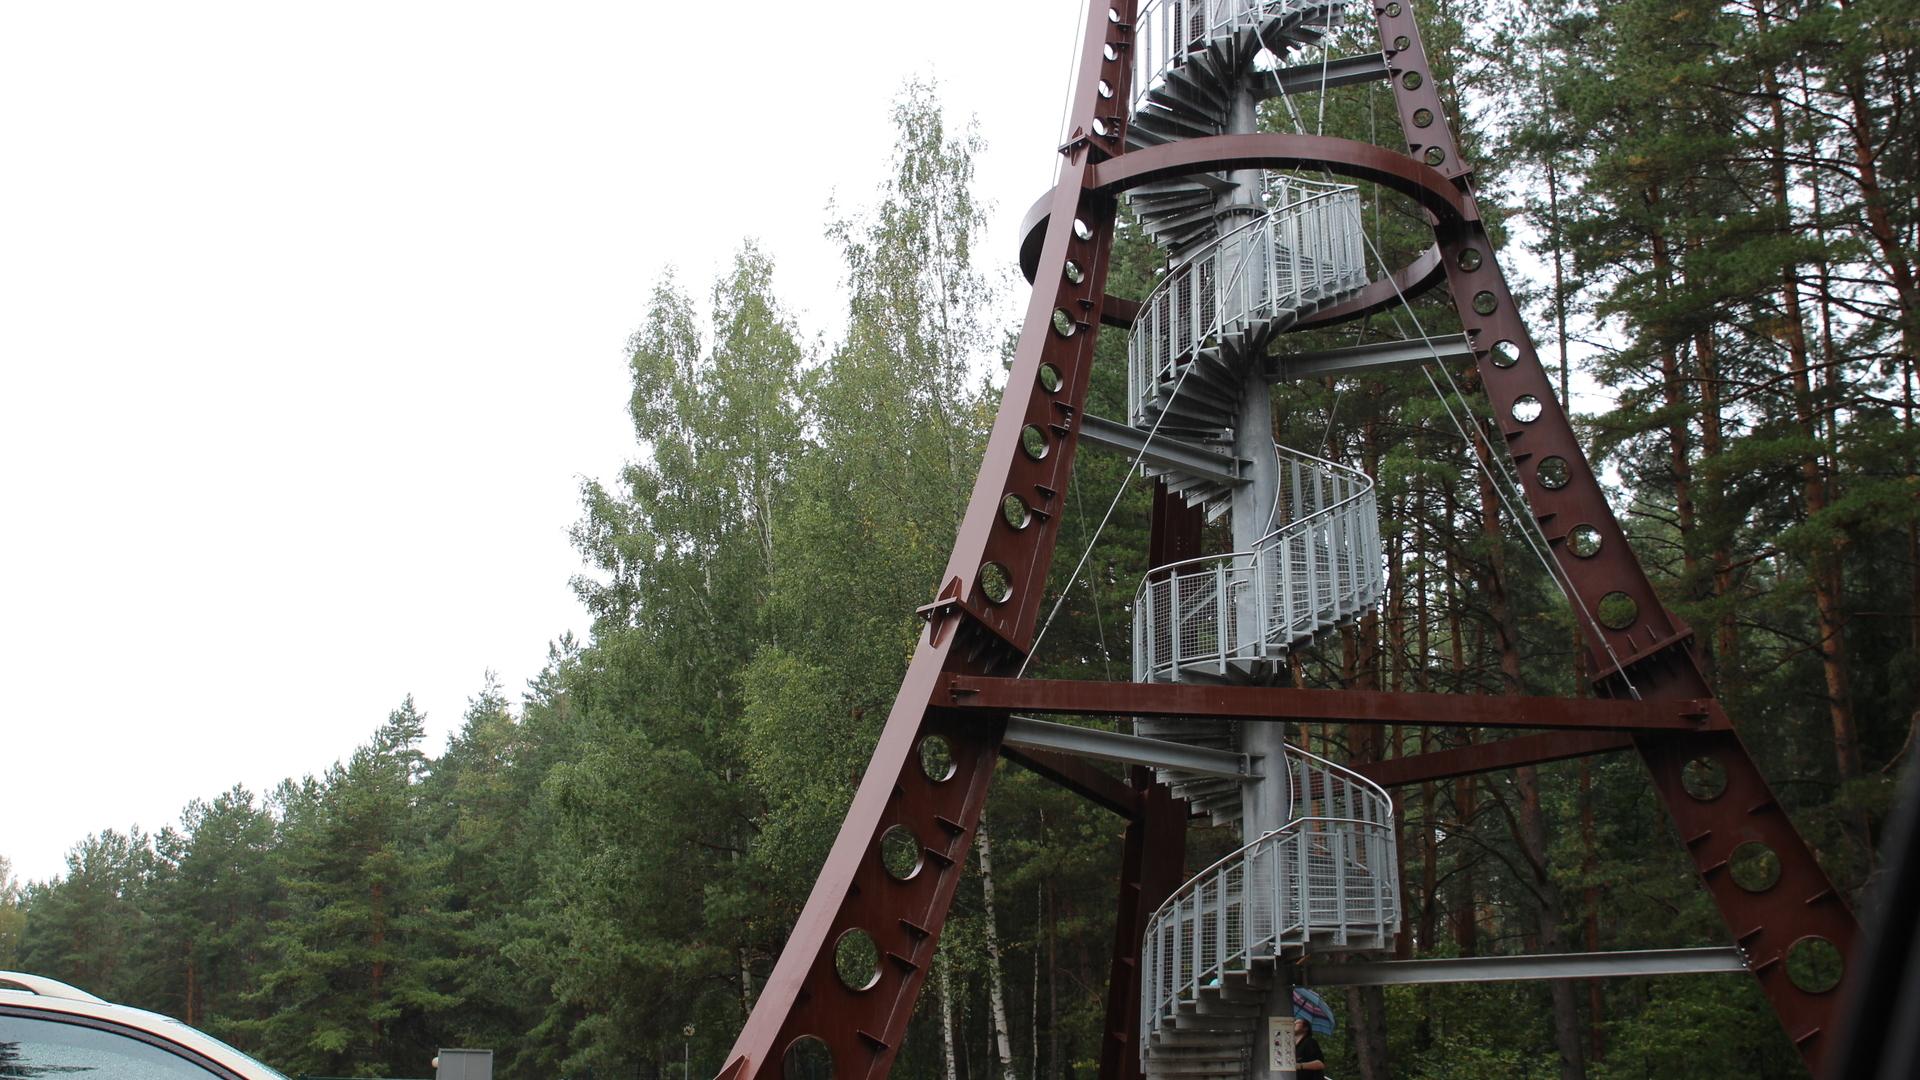 Labanoras reģionālā parka tornis